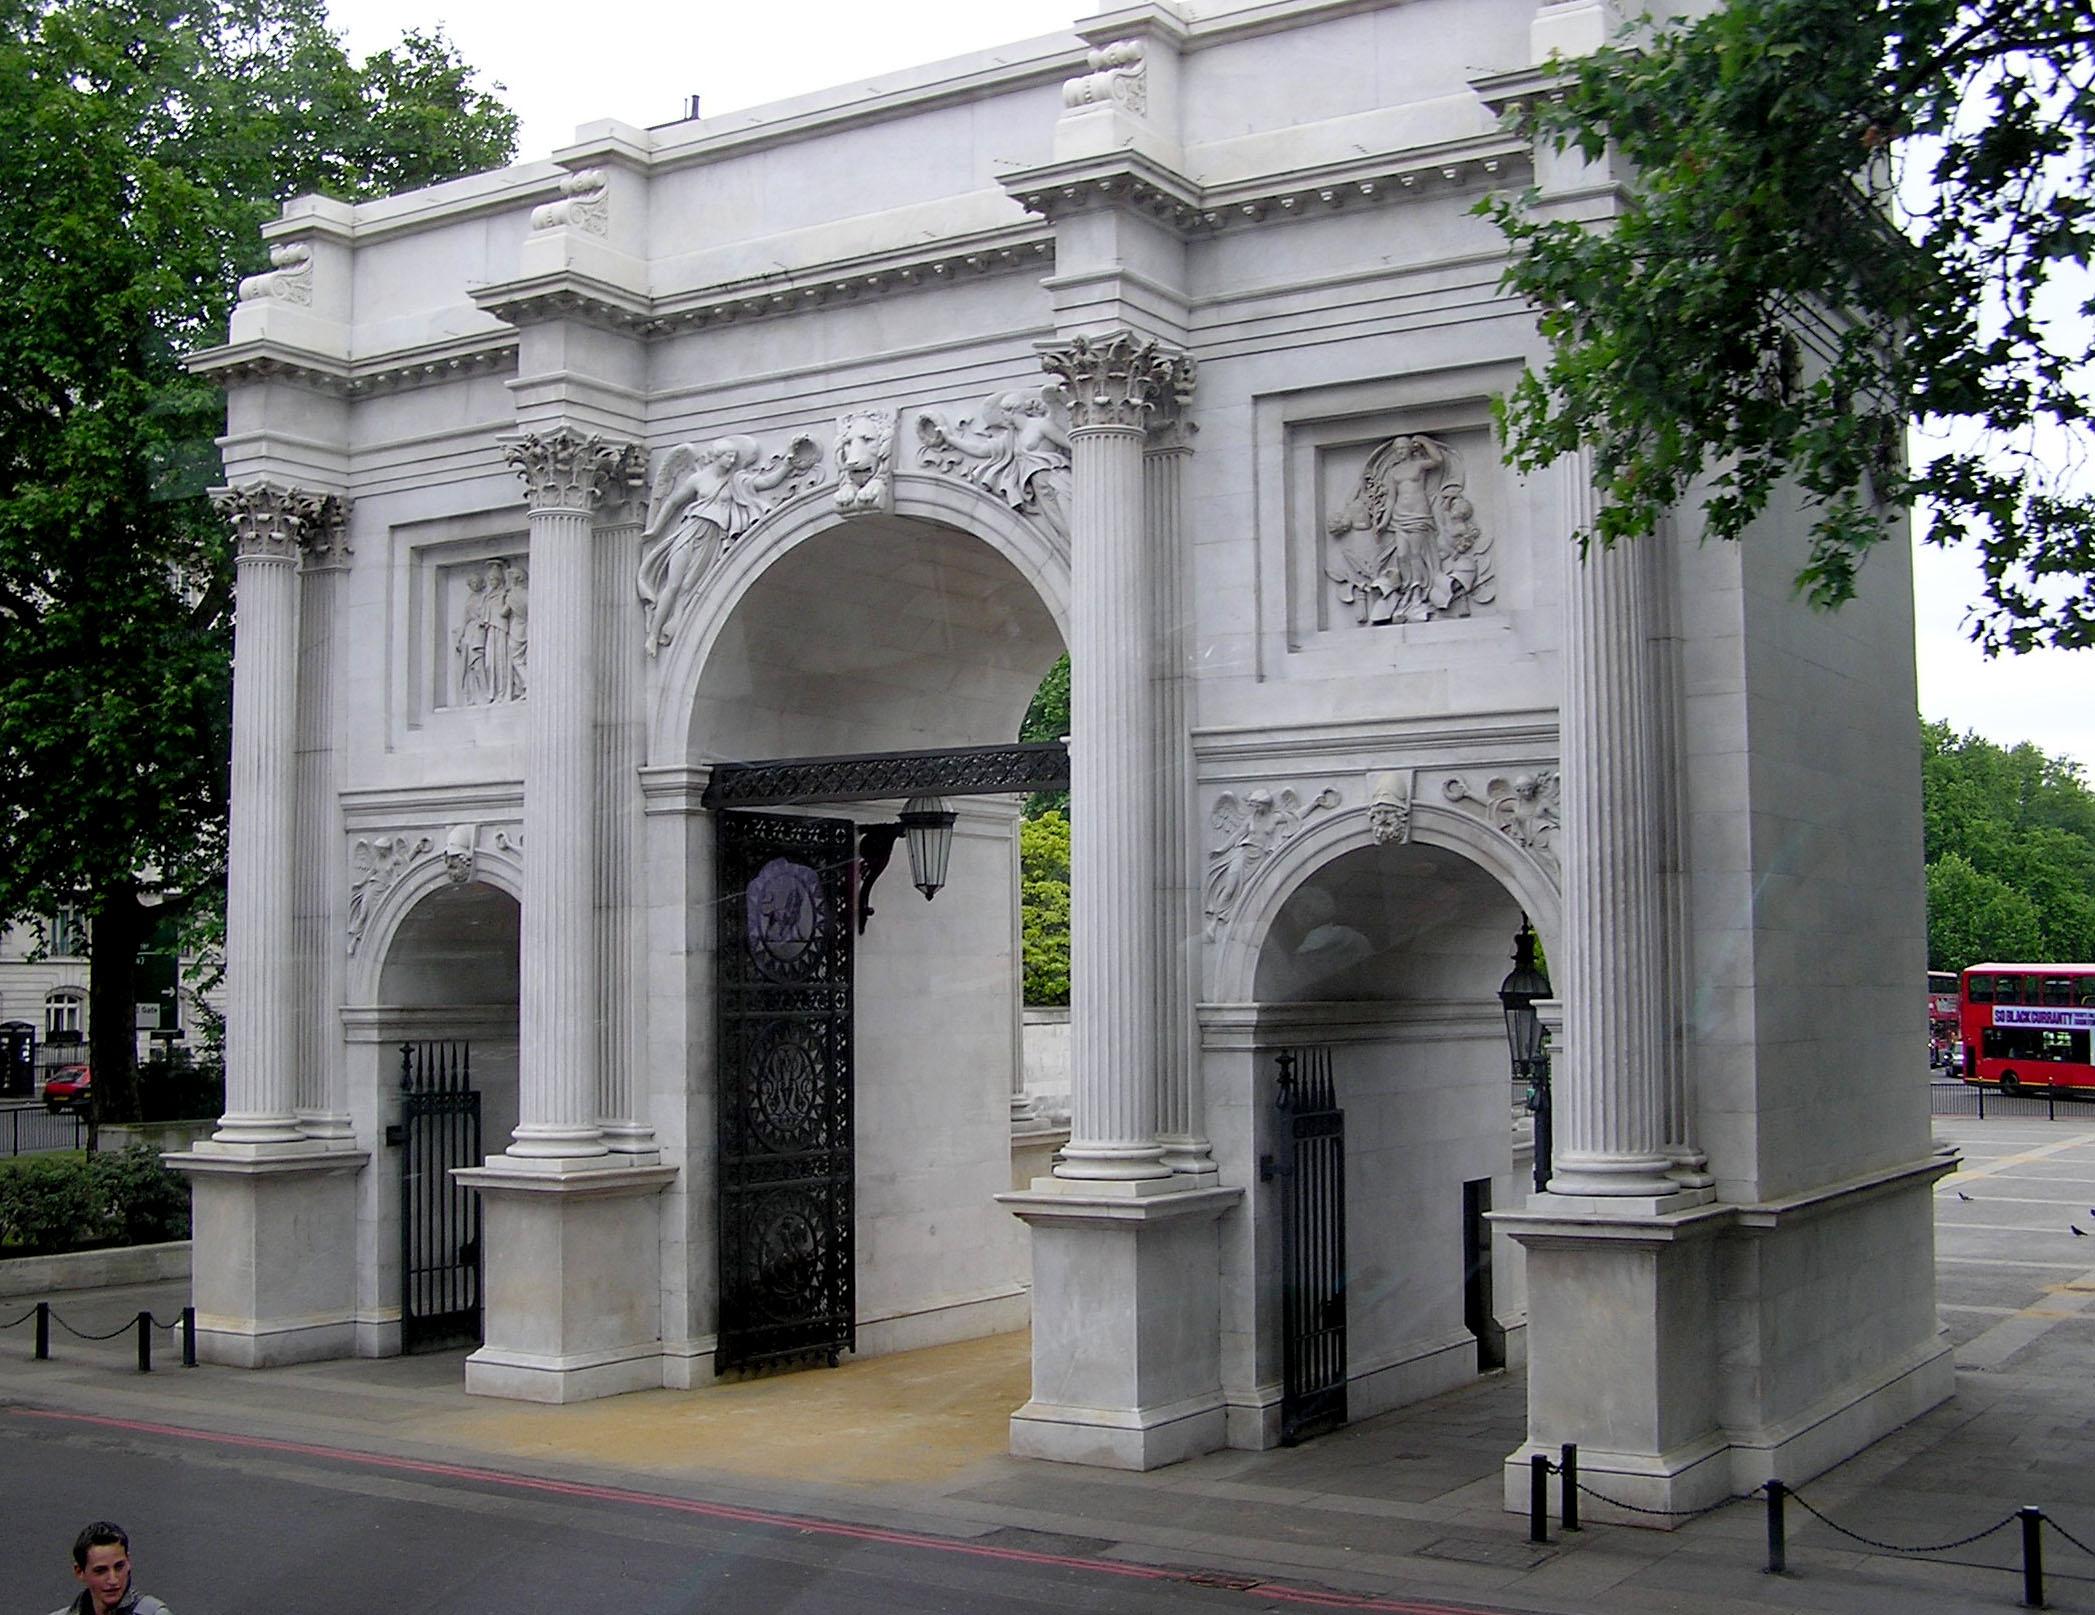 So Arch Hotel London